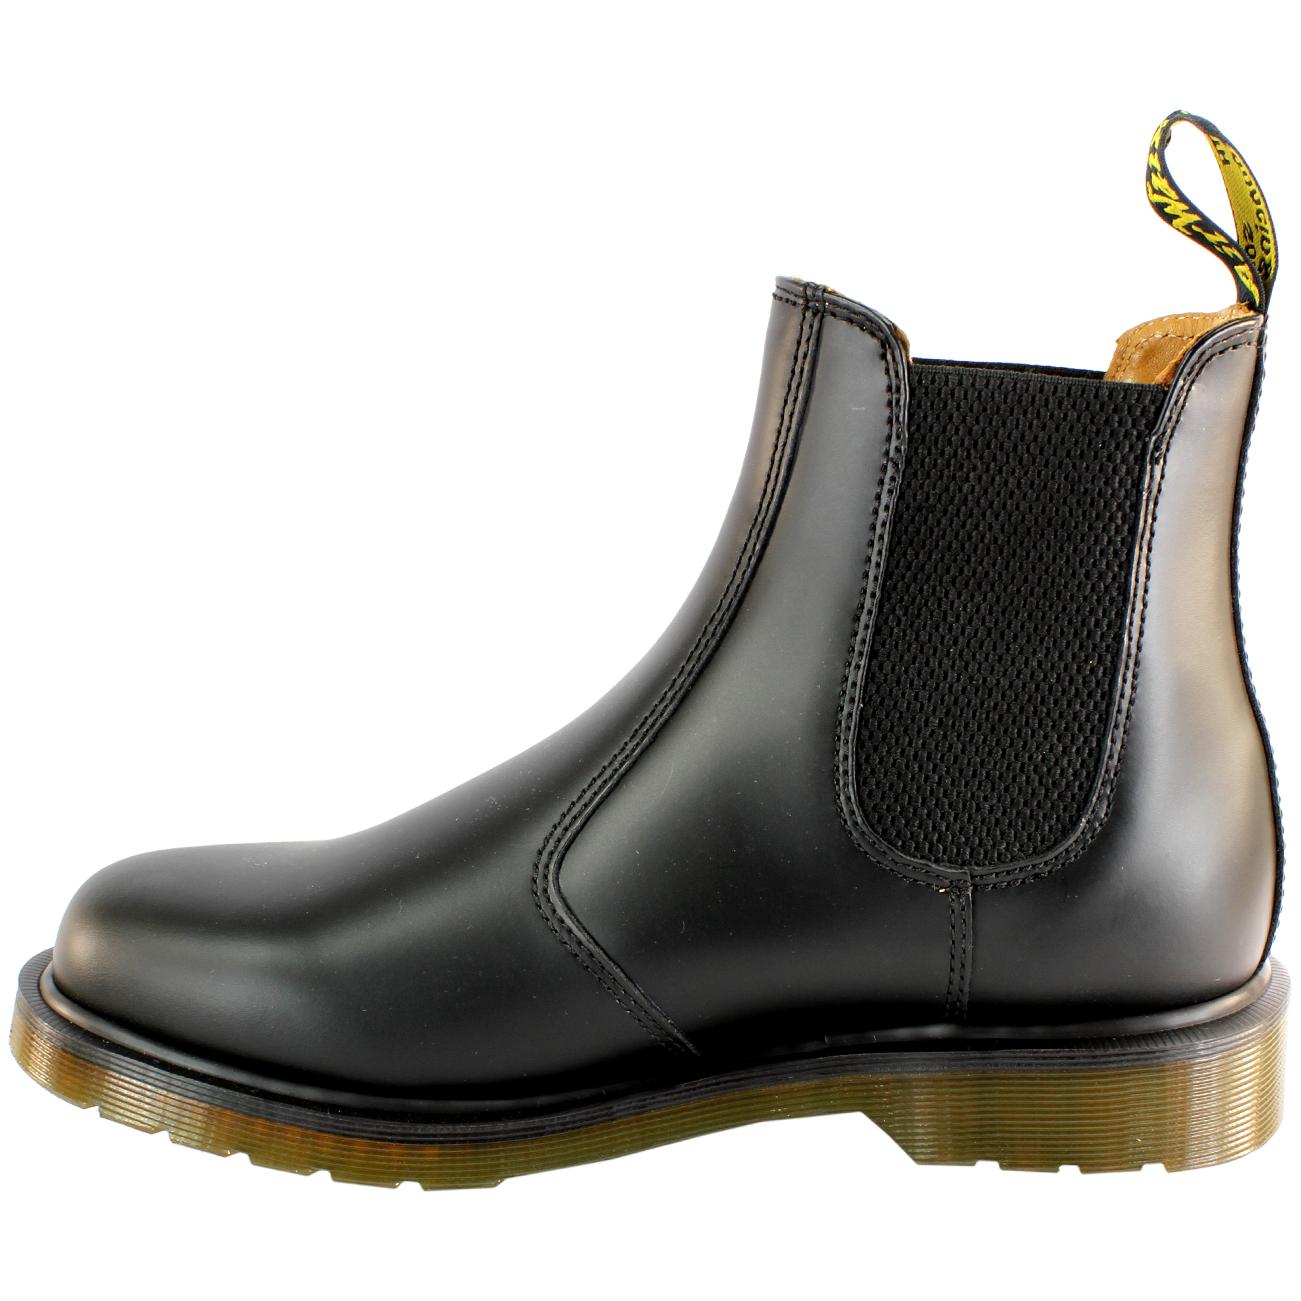 Da Uomo Martens 2976 classico Dr Chelsea in Pelle Le Stile Stivali Alti Alla Caviglia Tutte Le Pelle Taglie 99a8f1